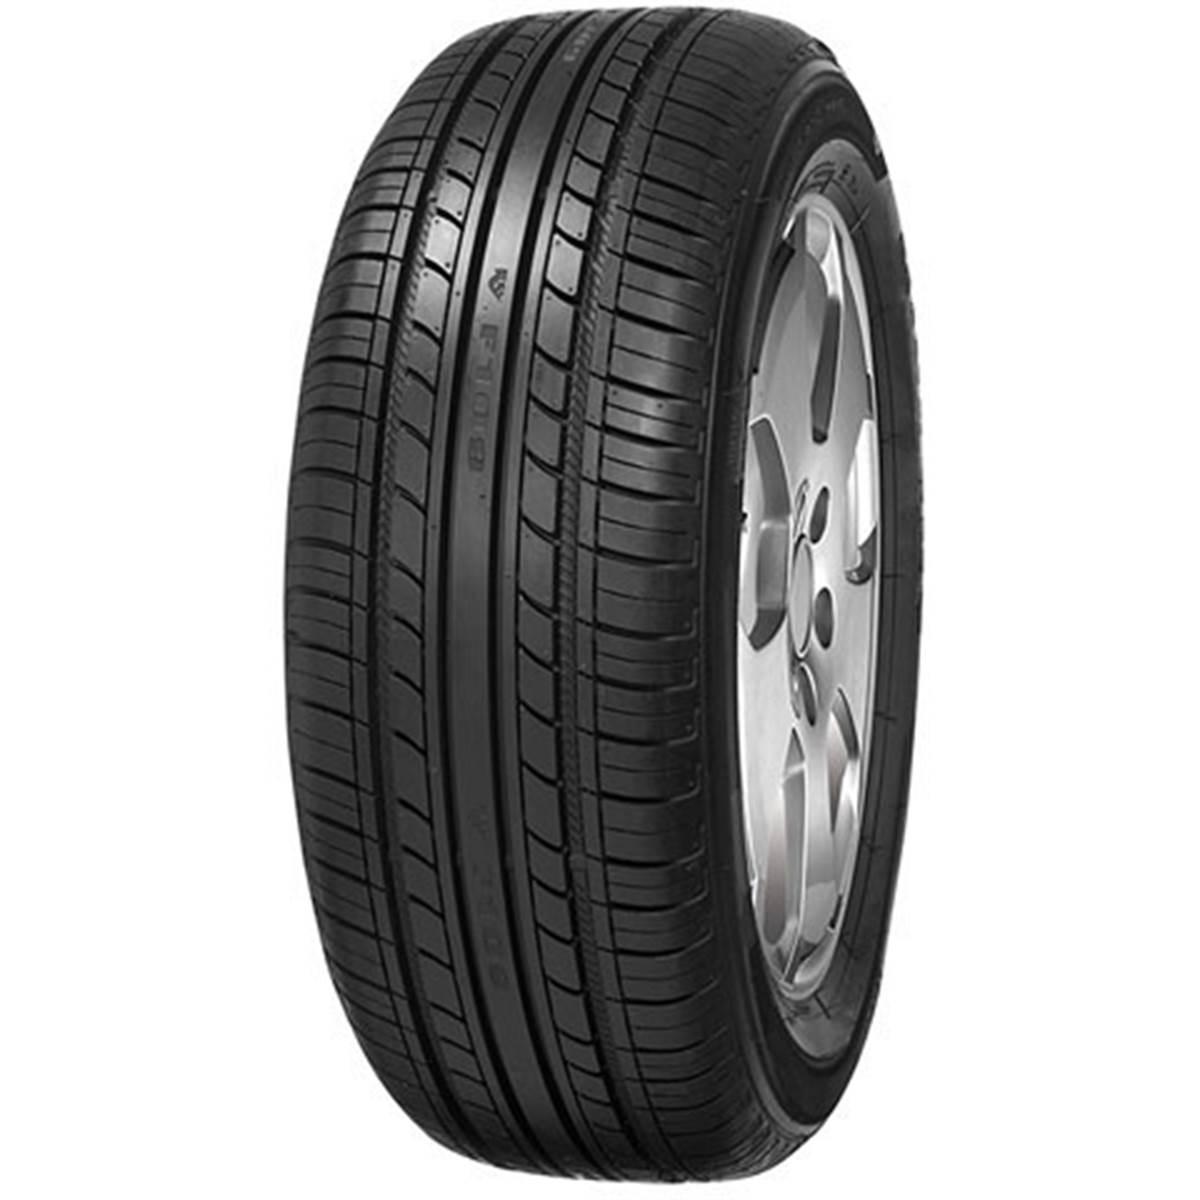 Minerva F105 XL pneu